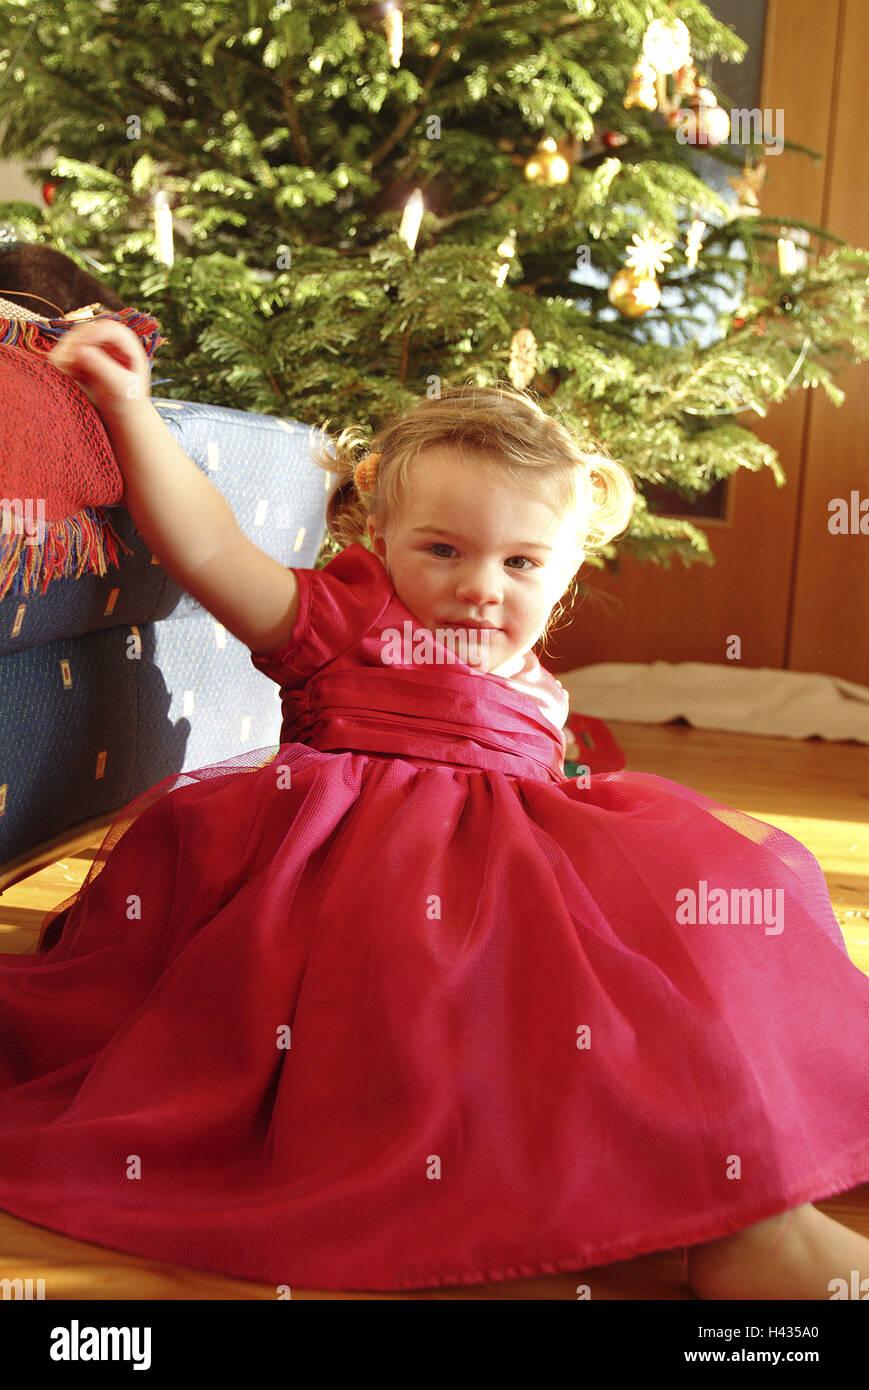 Festliche kleider weihnachten madchen